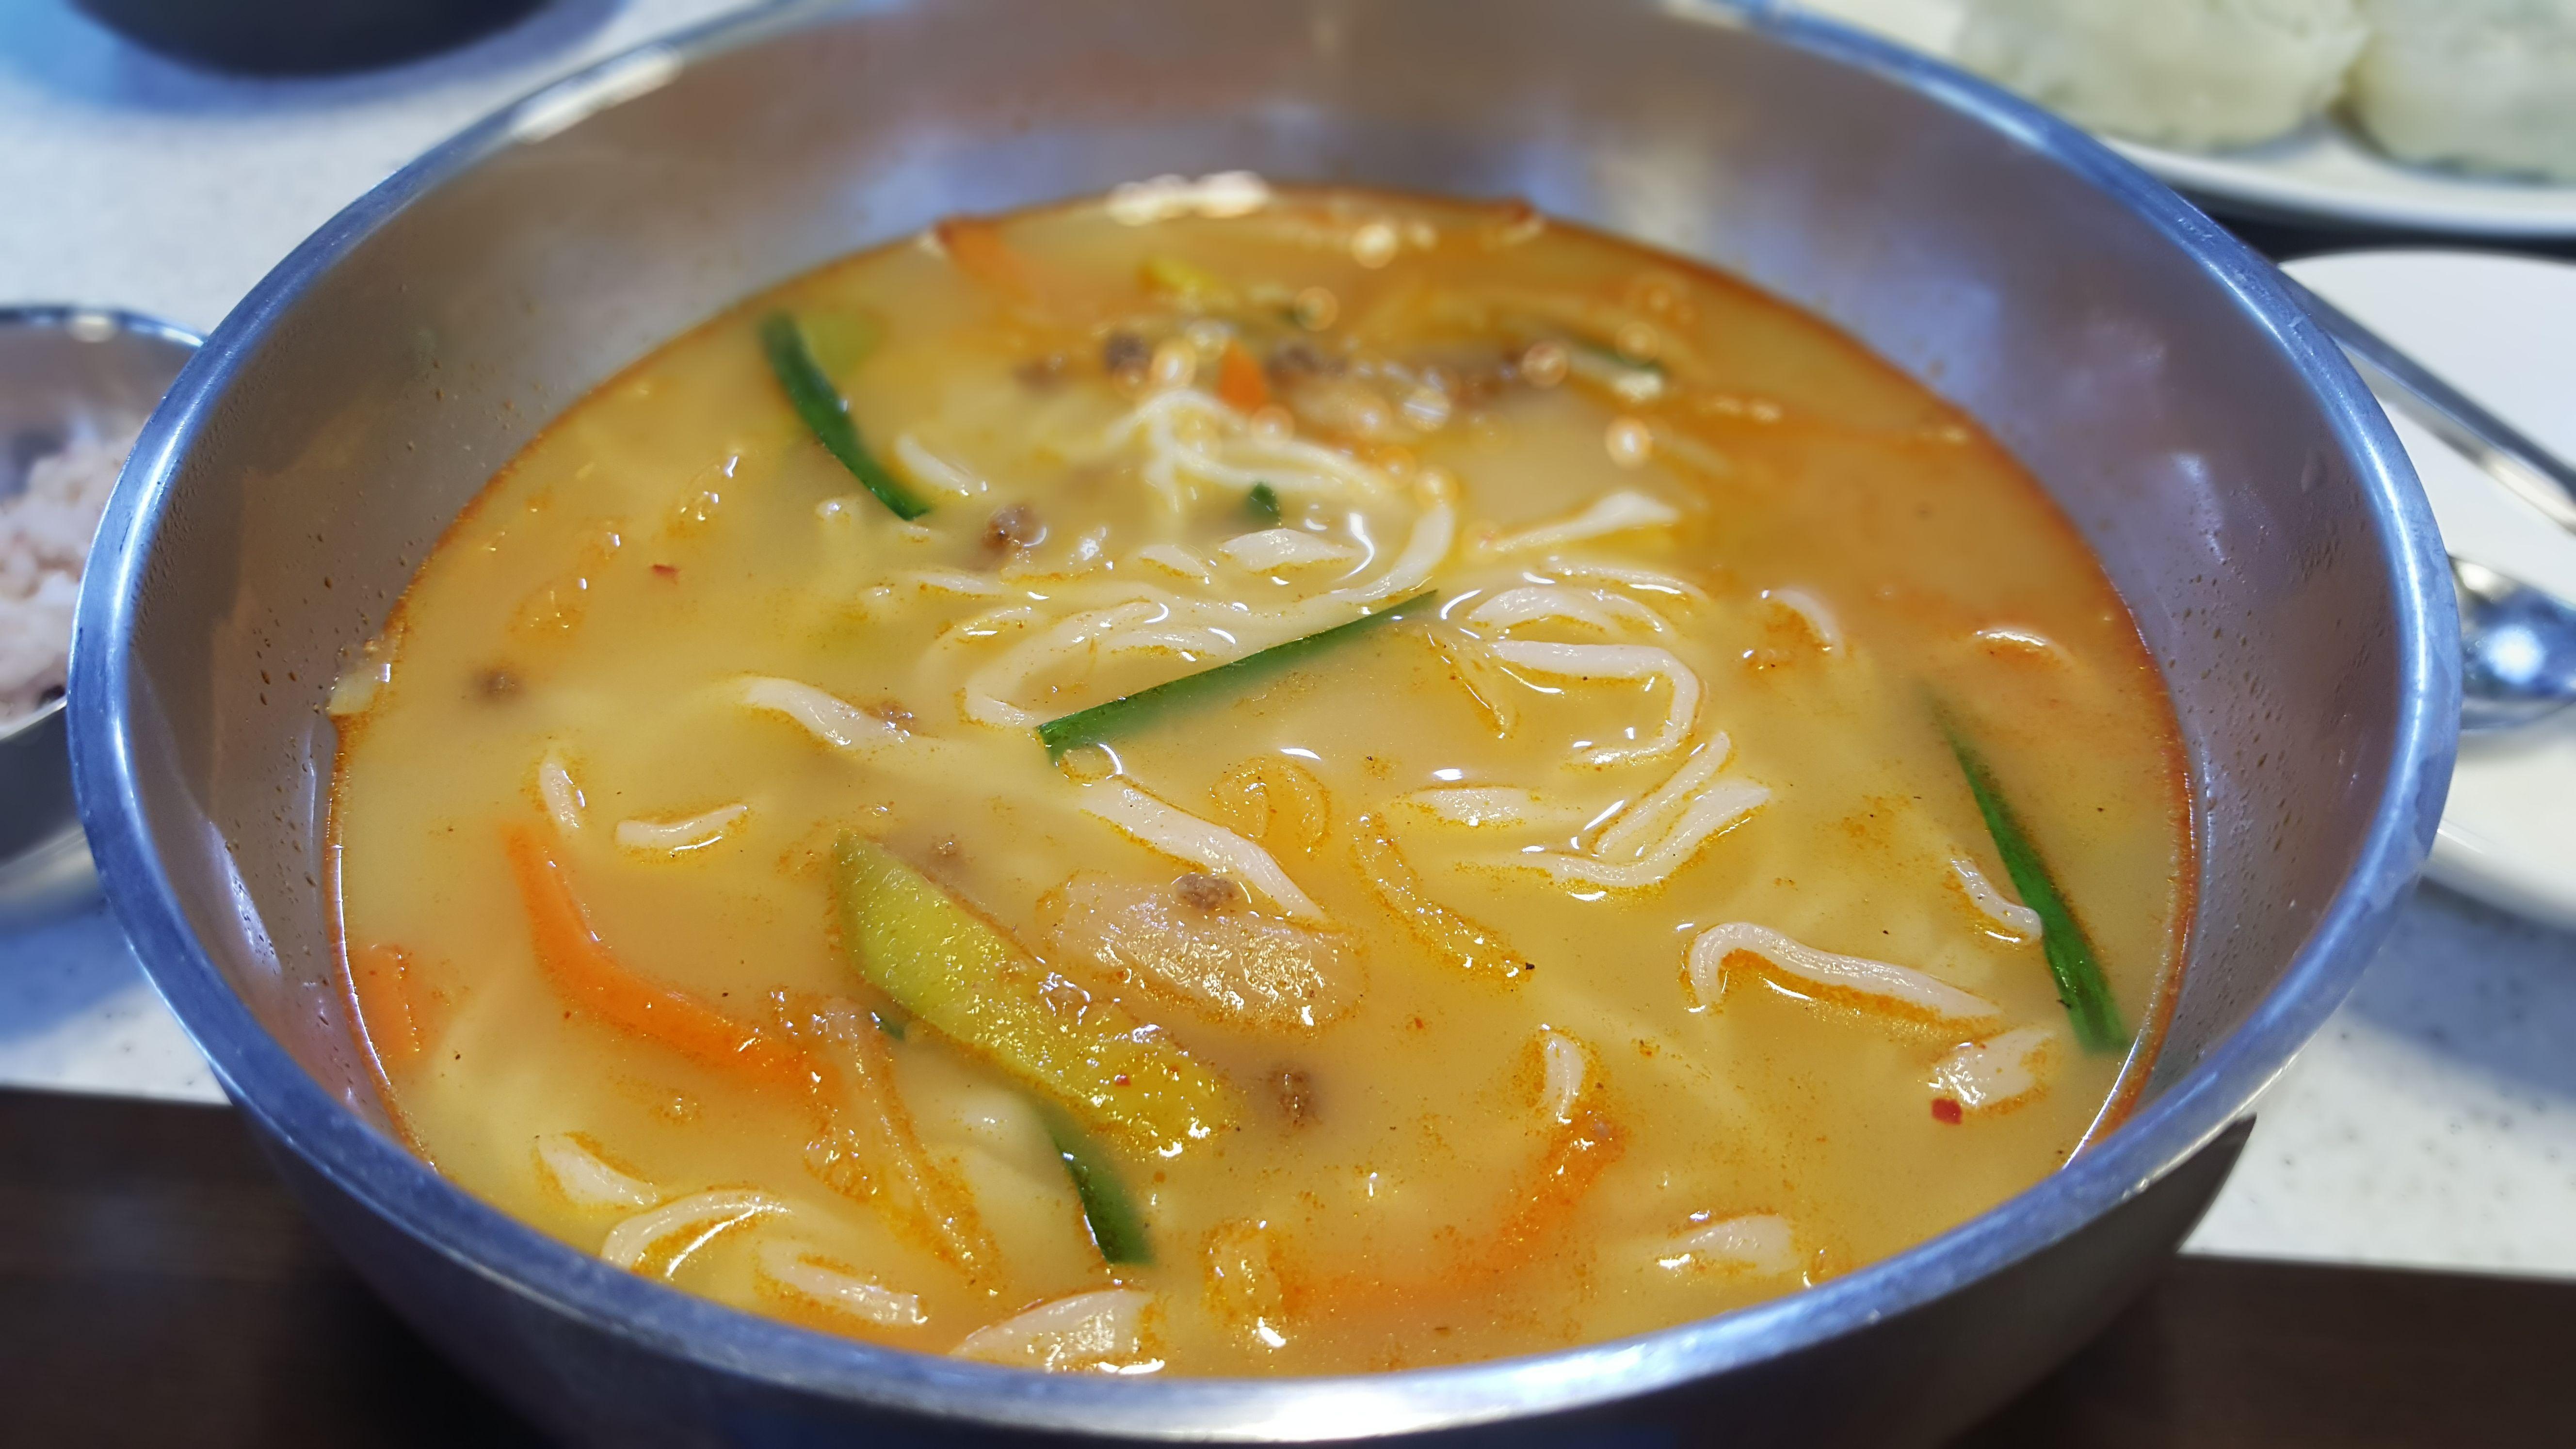 #비 오고 날도 쌀쌀해졌습니다. 오늘 #점심시간 은... 따뜻한 #칼국수 어떨까요? #왕만두 는 덤~ 덤~ #맛있는_점심_되세요